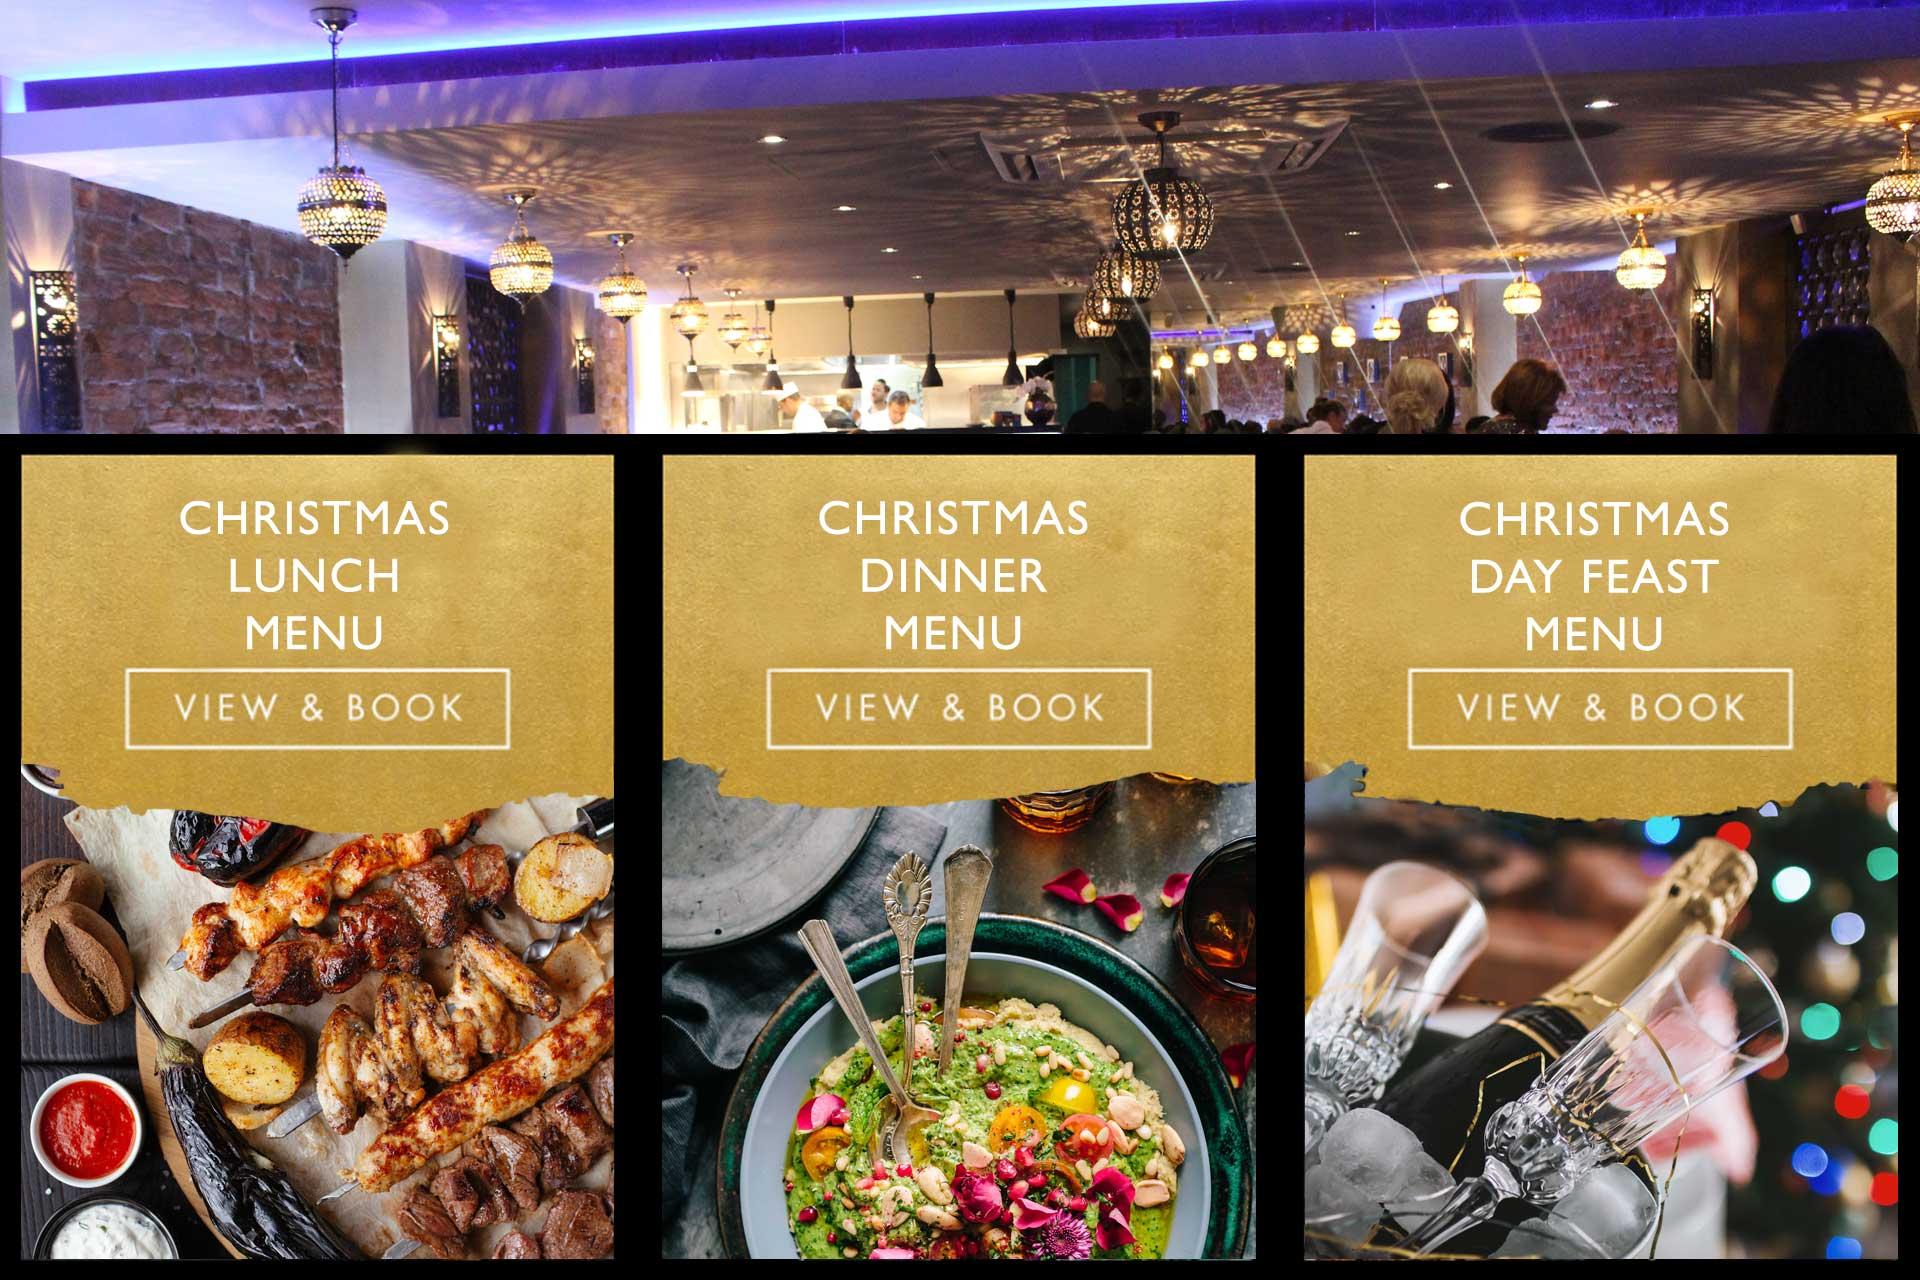 Christmas Dinner Restaurants Near Me 2019.Baroushka The Middle Eastern Restaurant In Salisbury